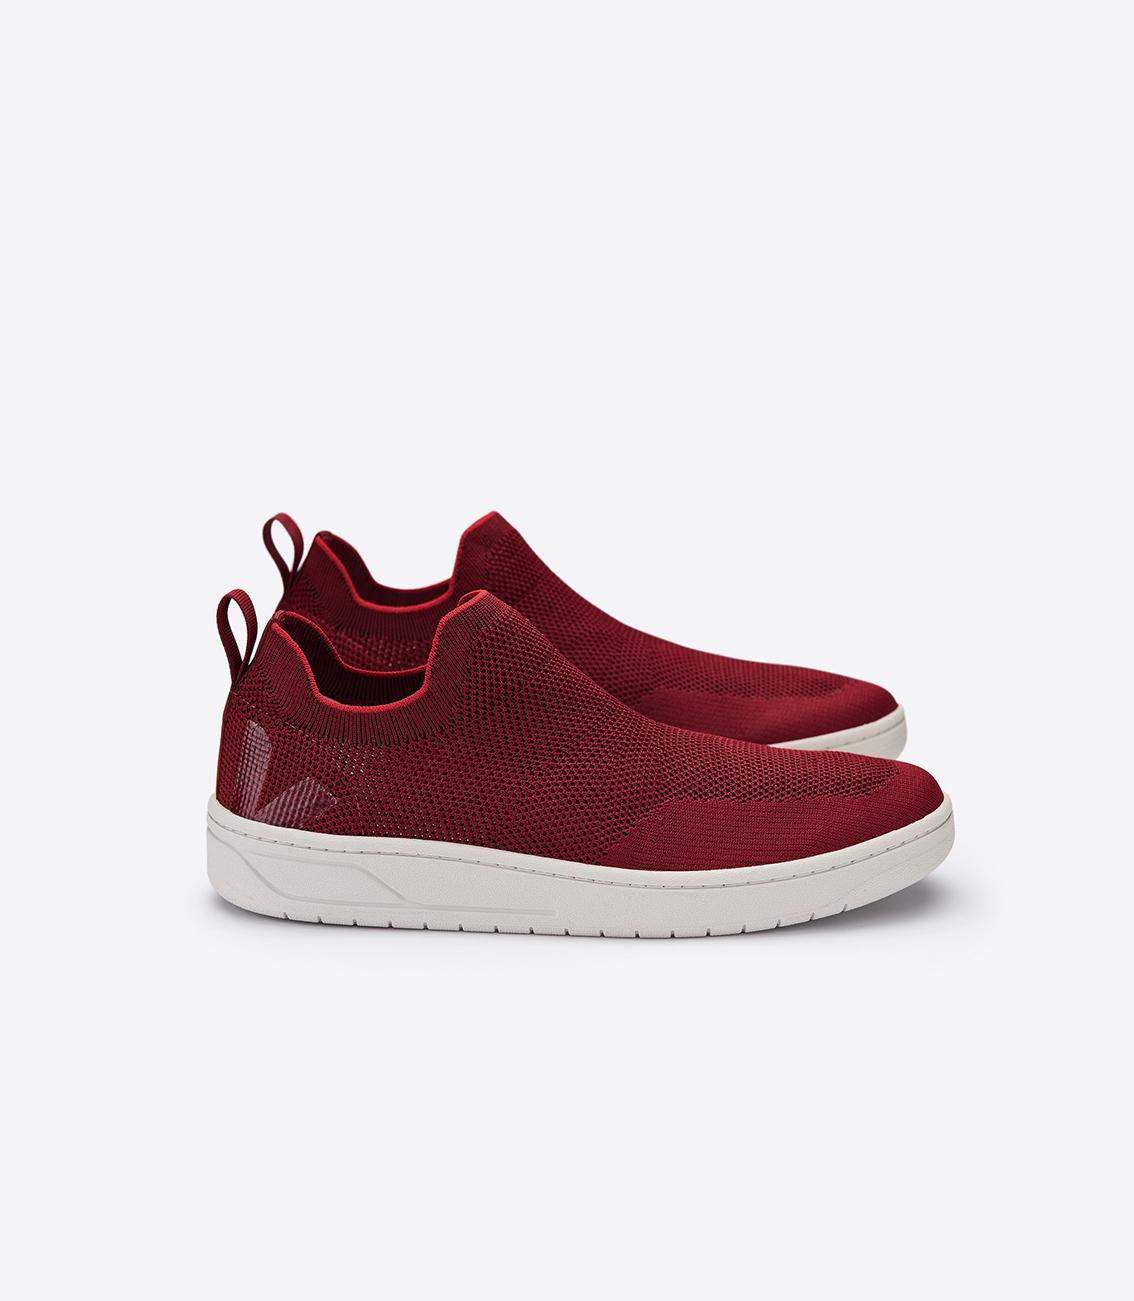 veja_aquashoe_v-knit_lb101915_lemaire_crimson-red_lateral